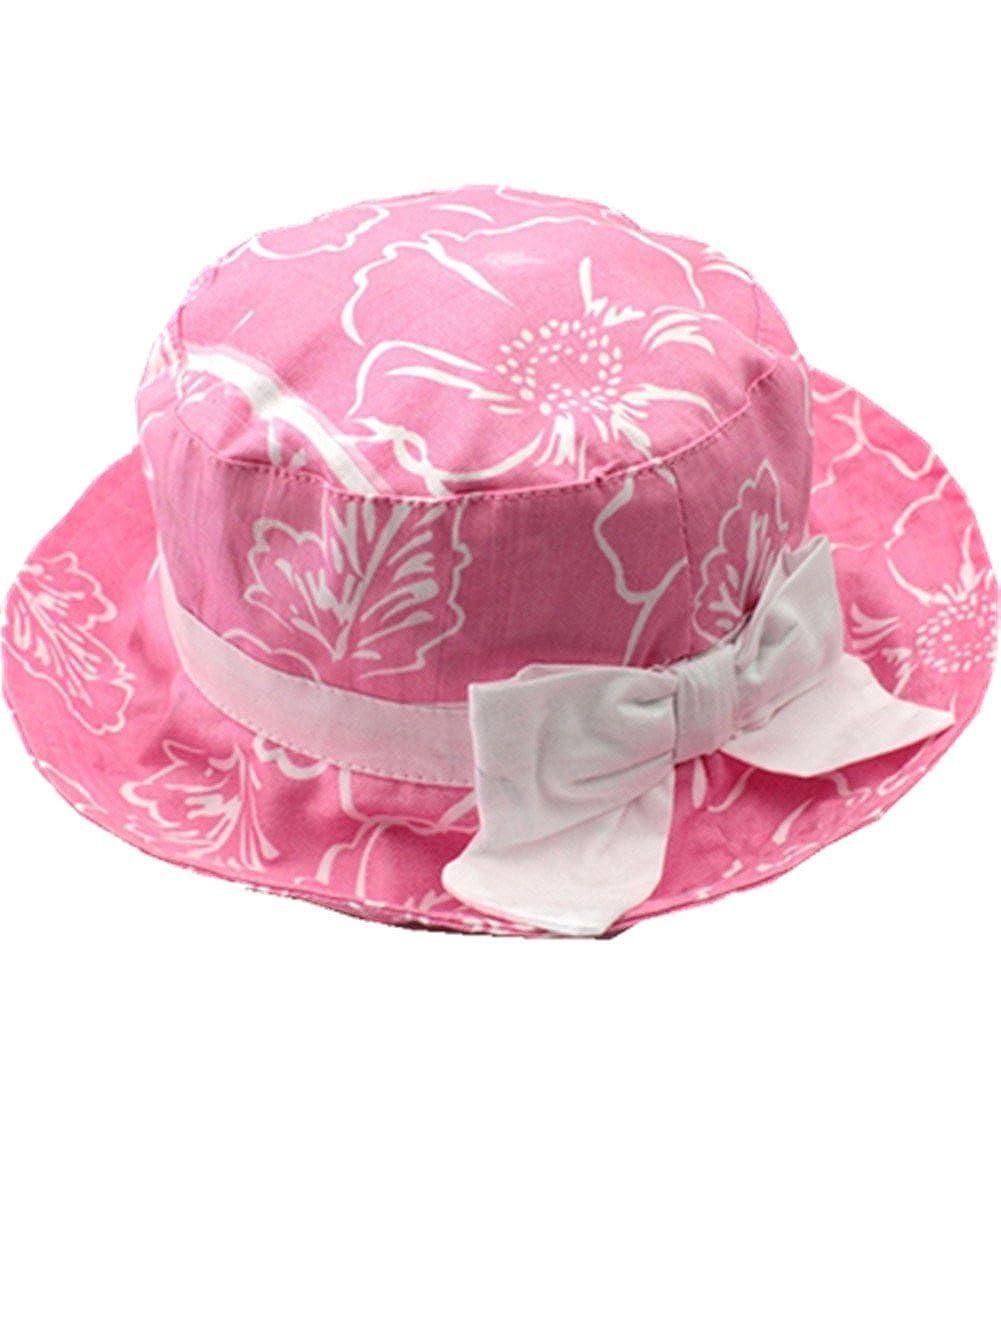 Motivo floreale Cappello da pescatore baby Cappello da sole per bambini Ragazzi neonati Cappello di pescatore Secchio Cappello Del Sole Protezione UV Protezione estiva